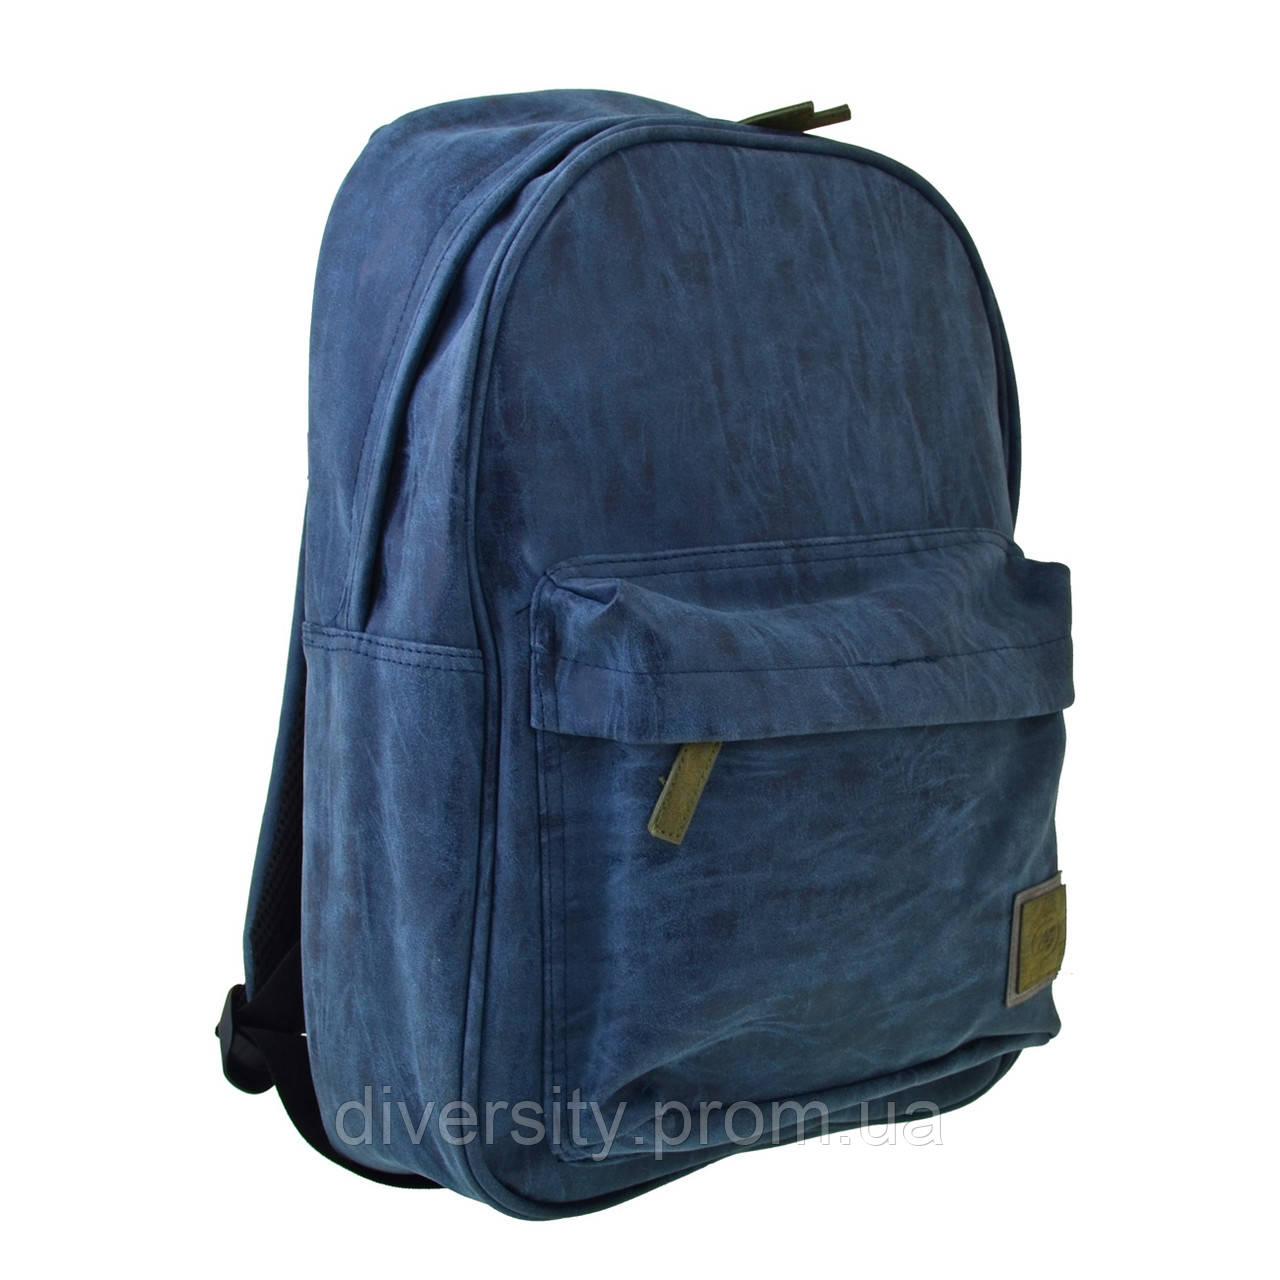 Молодежный рюкзак YES  ST-16 Infinity deep ocean, 42*31*13